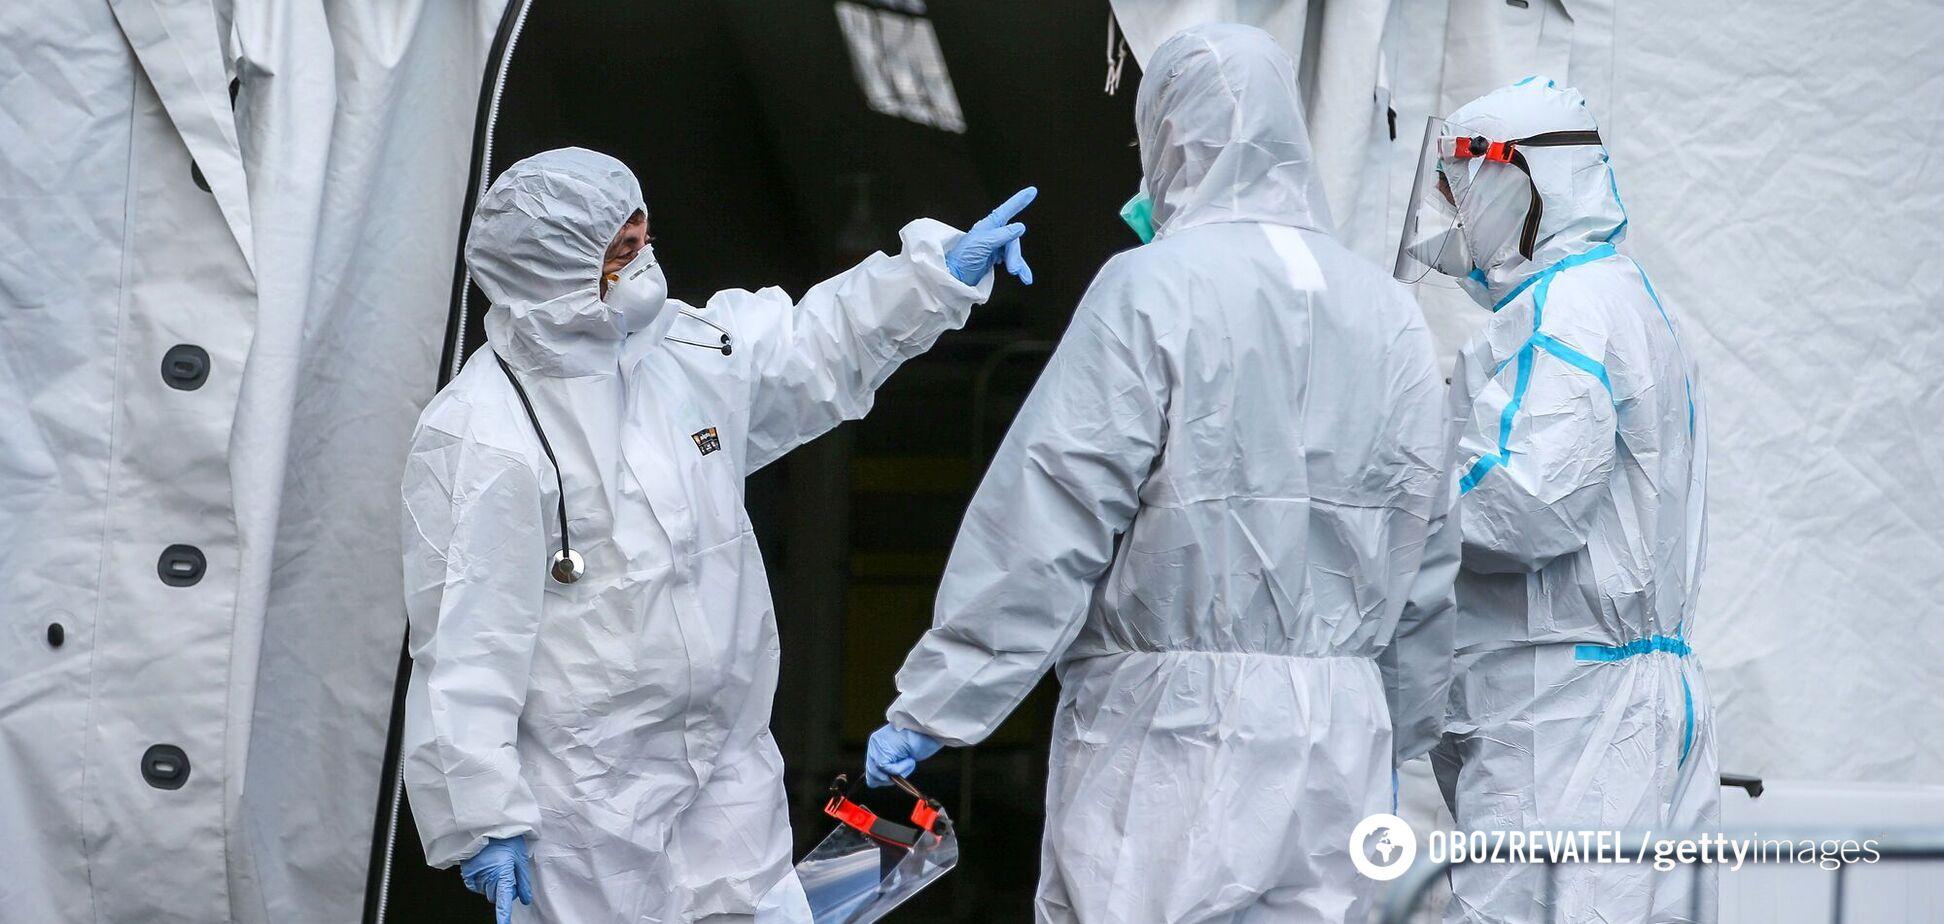 Лекарство от коронавируса пойдет по больницам, а не в свободный доступ, – инфекционист